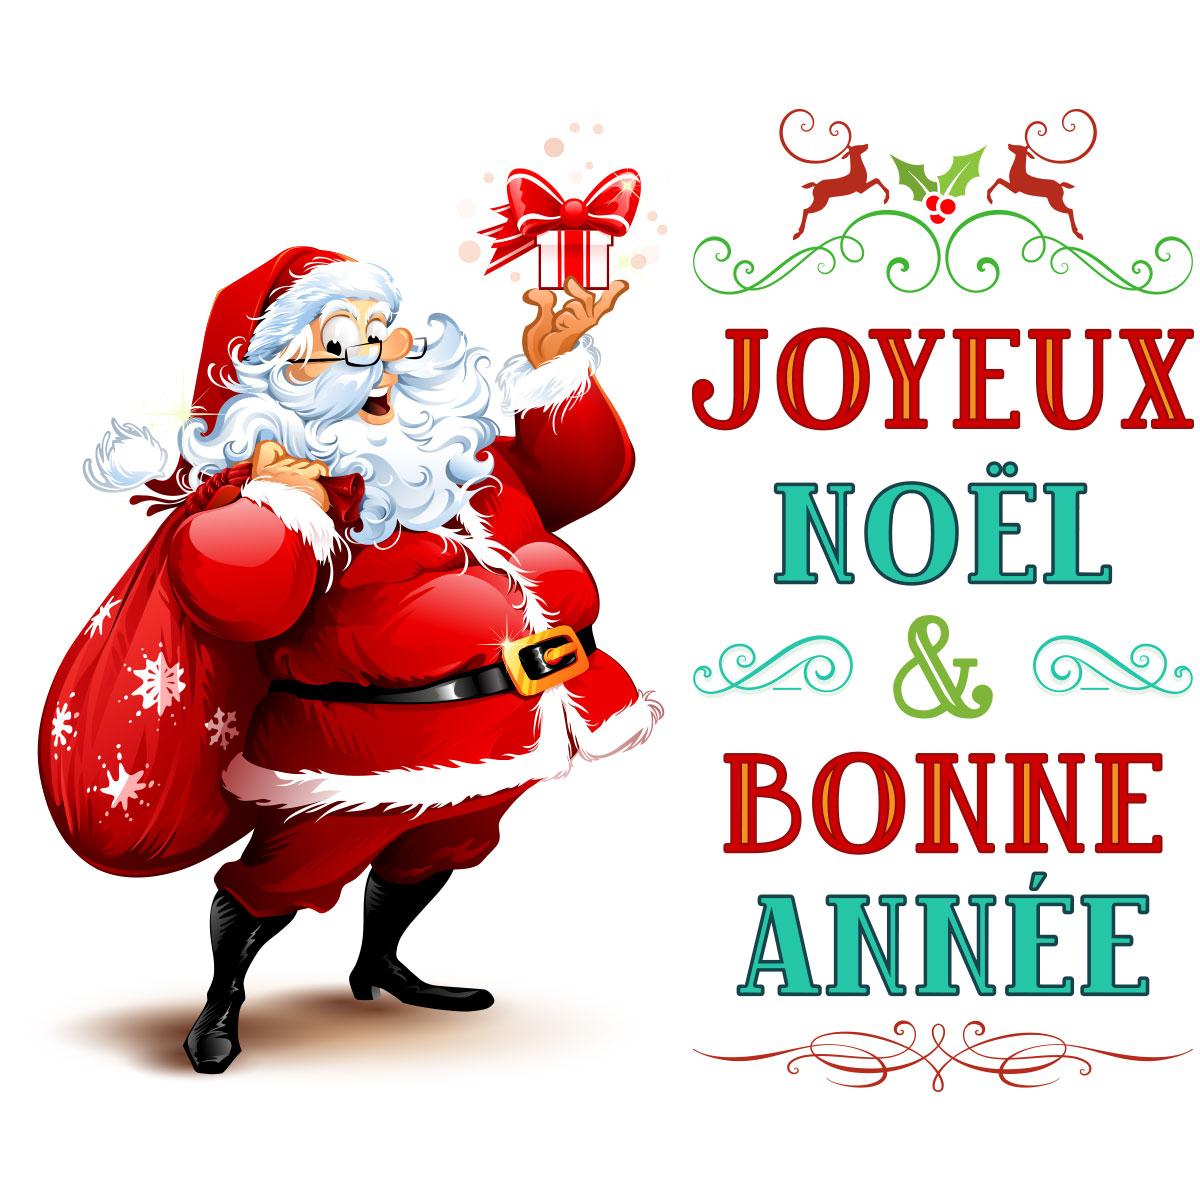 Photos De Joyeux Noel Et Bonne Annee.Sticker Noel Pere Noel Joyeux Noel Et Bonne Annee